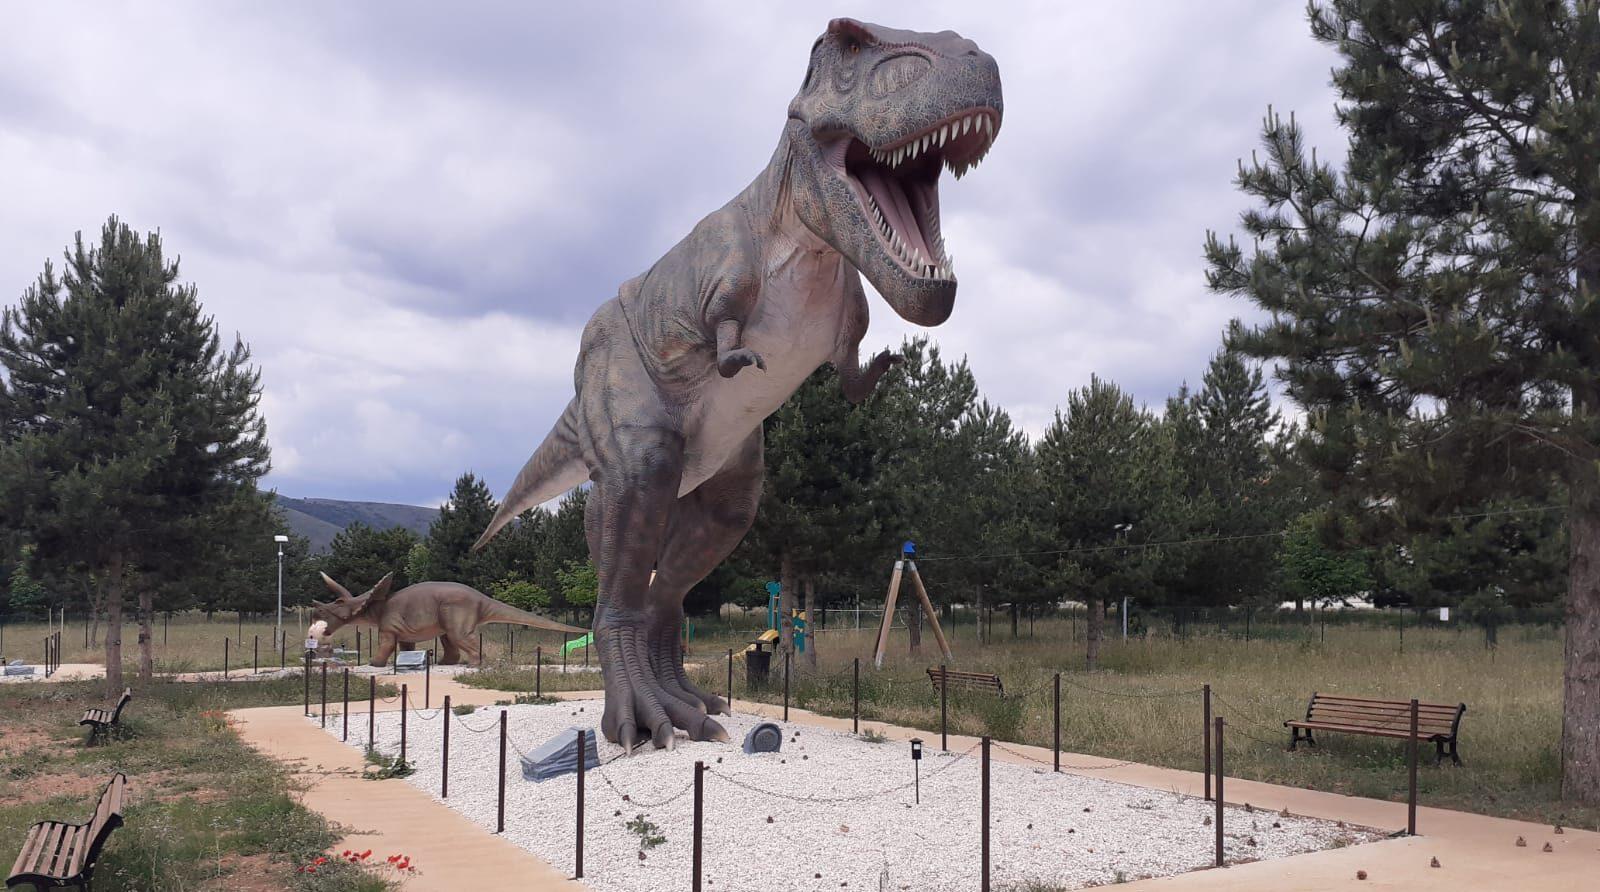 Dinopark di Avezzano: restauro in vista con sistema di videosorveglianza